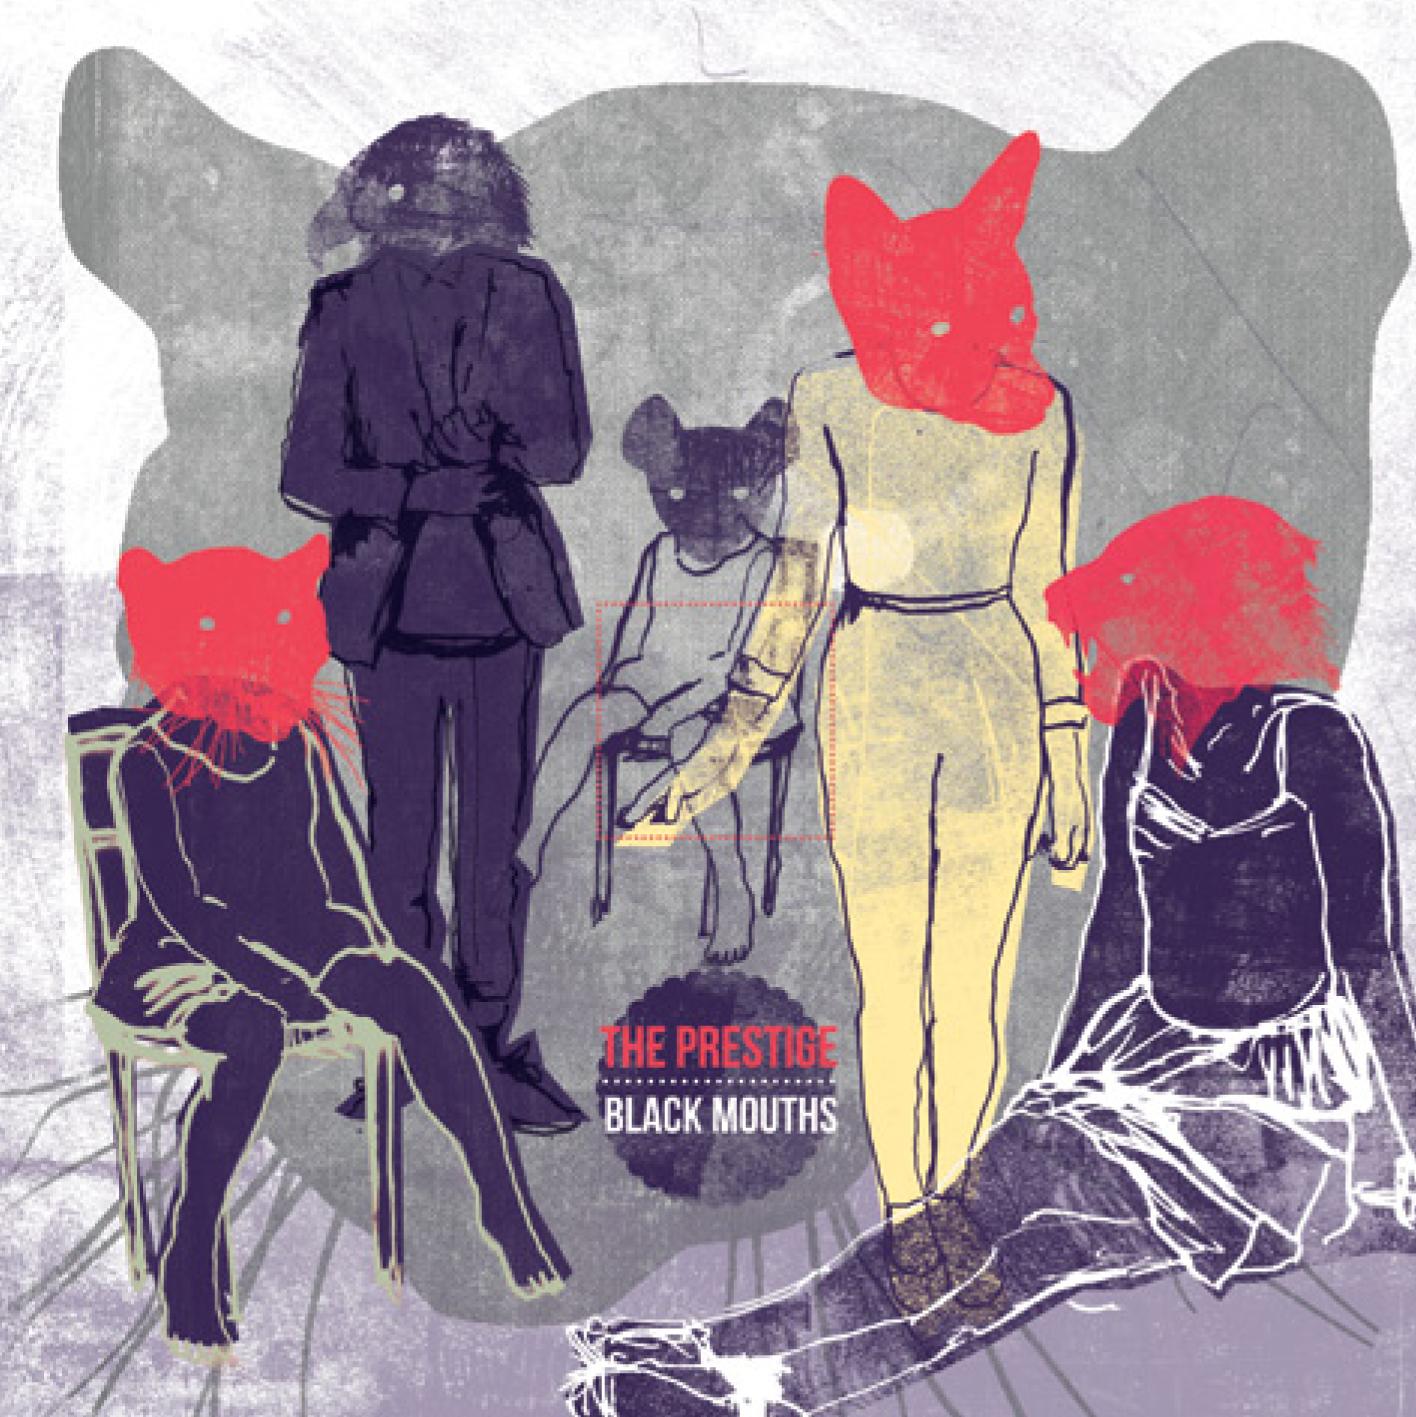 THE PRESTIGE Black mouths LP + CD